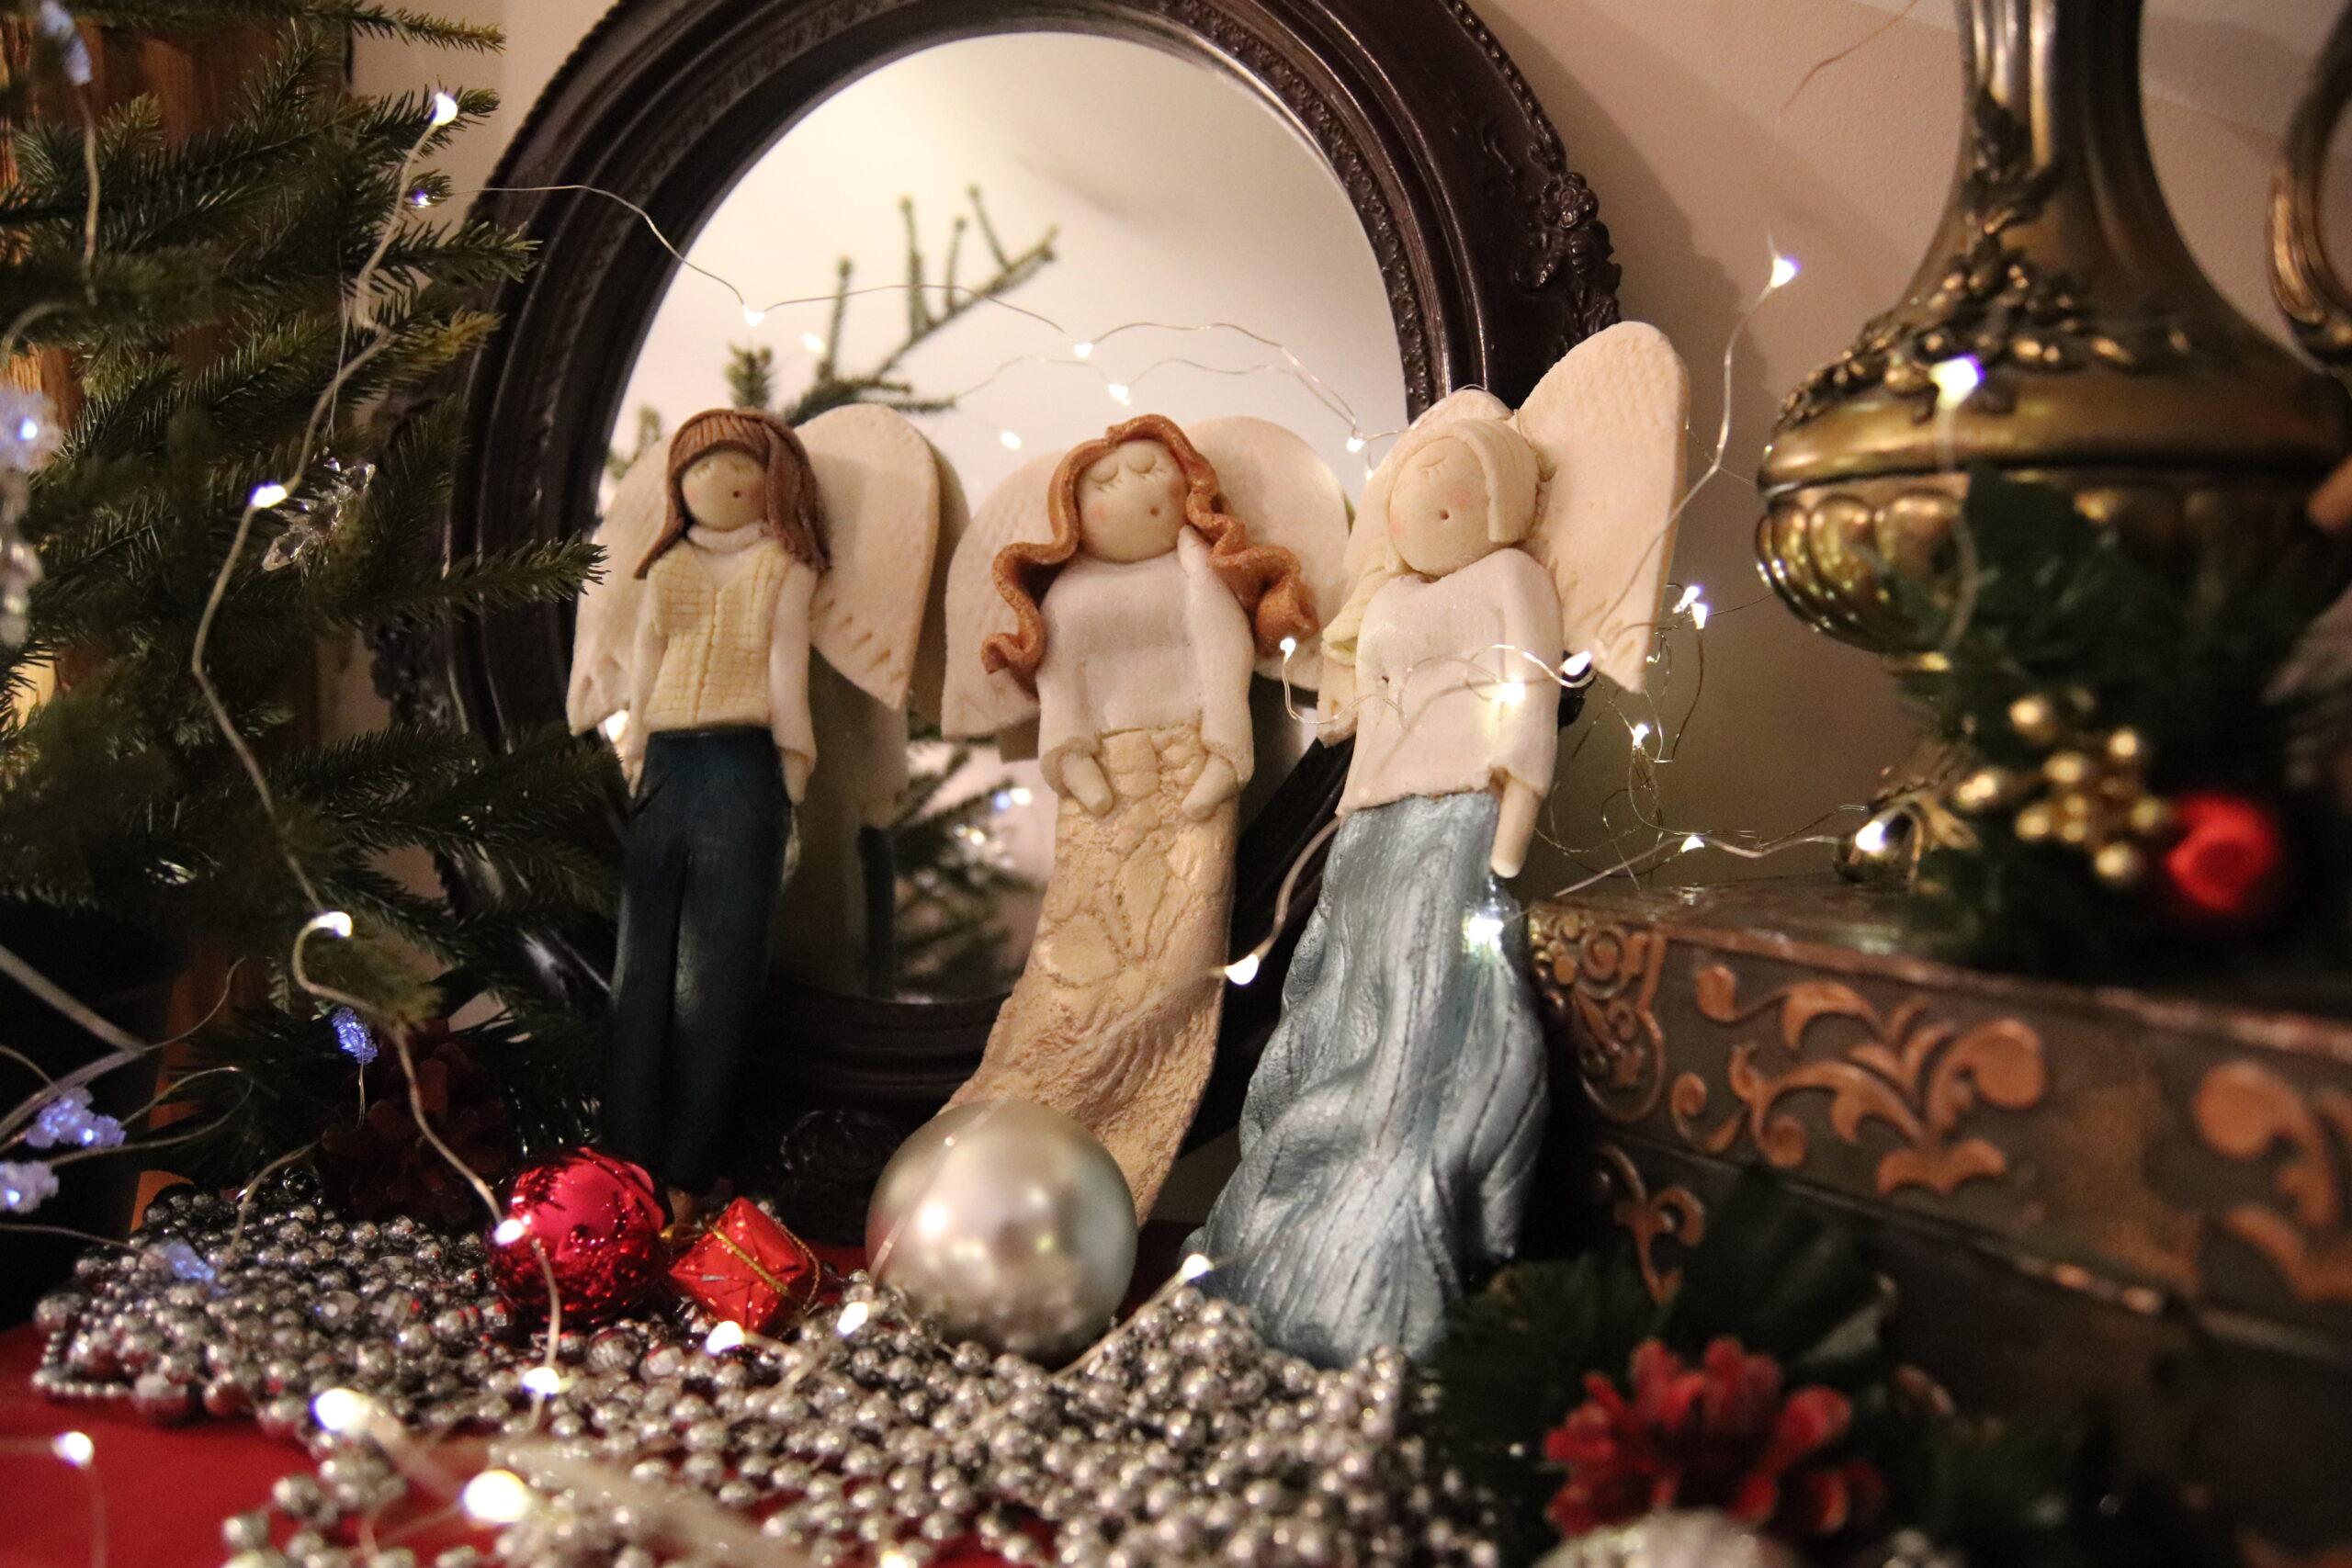 Opowieść o dwóch Aniołach